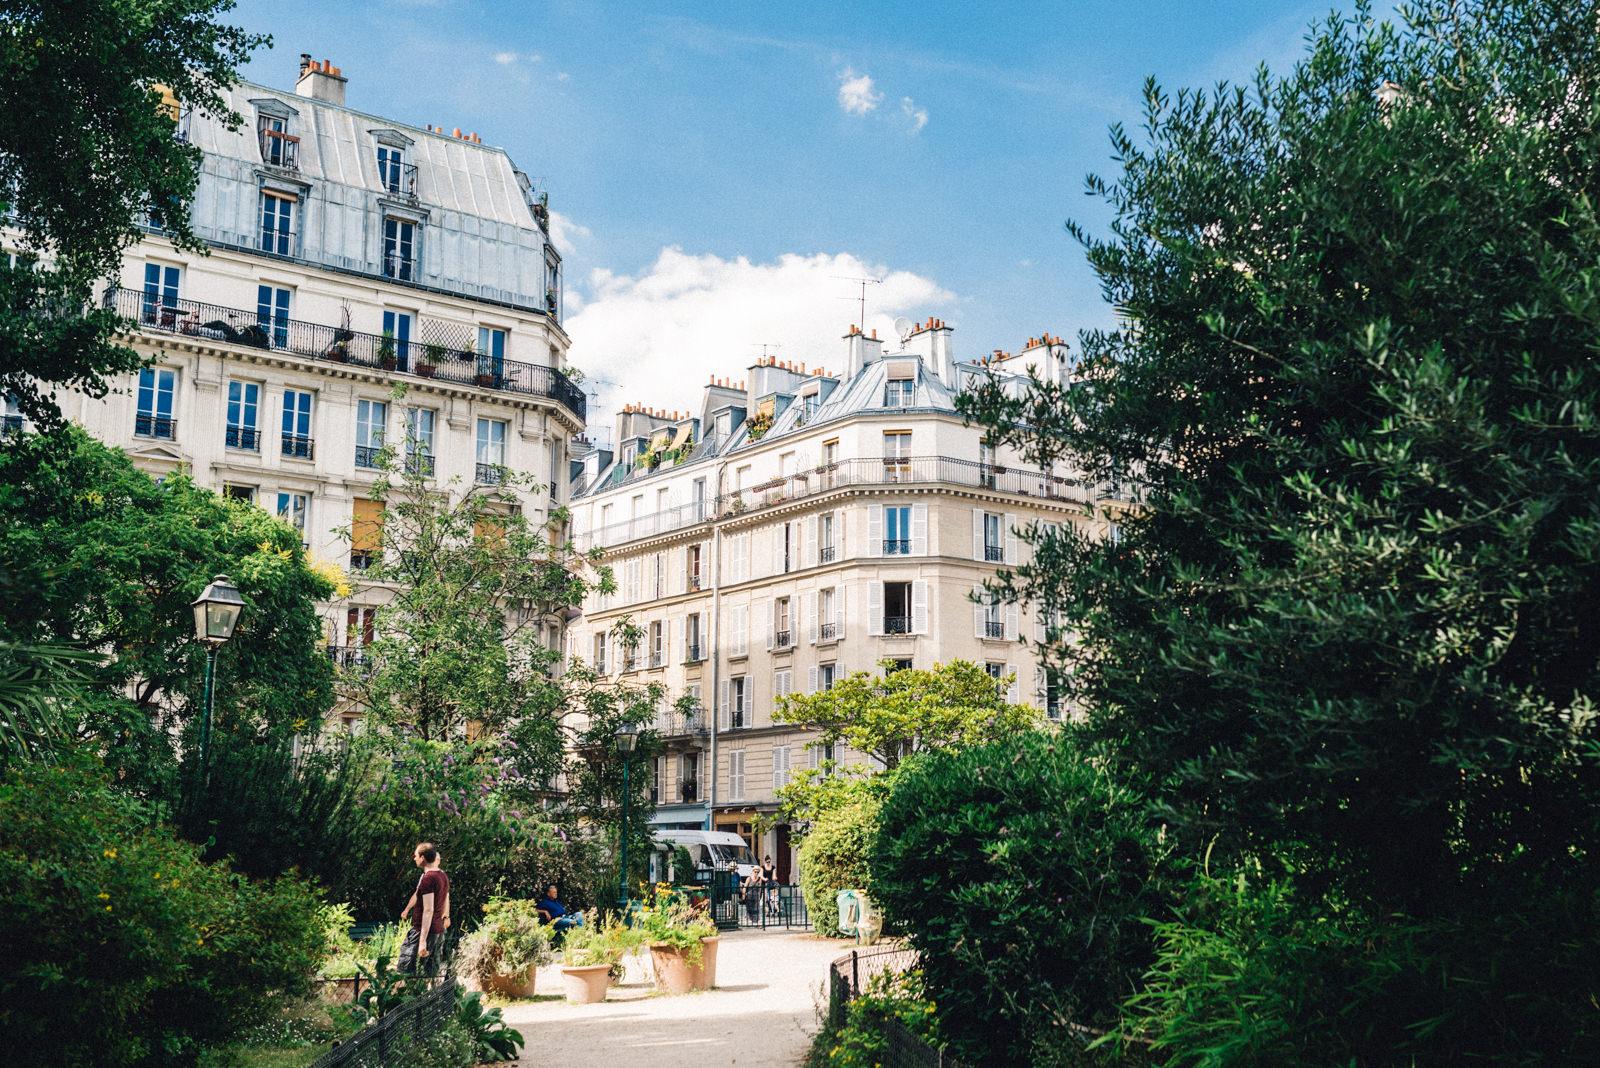 Paris11e-B&W-36